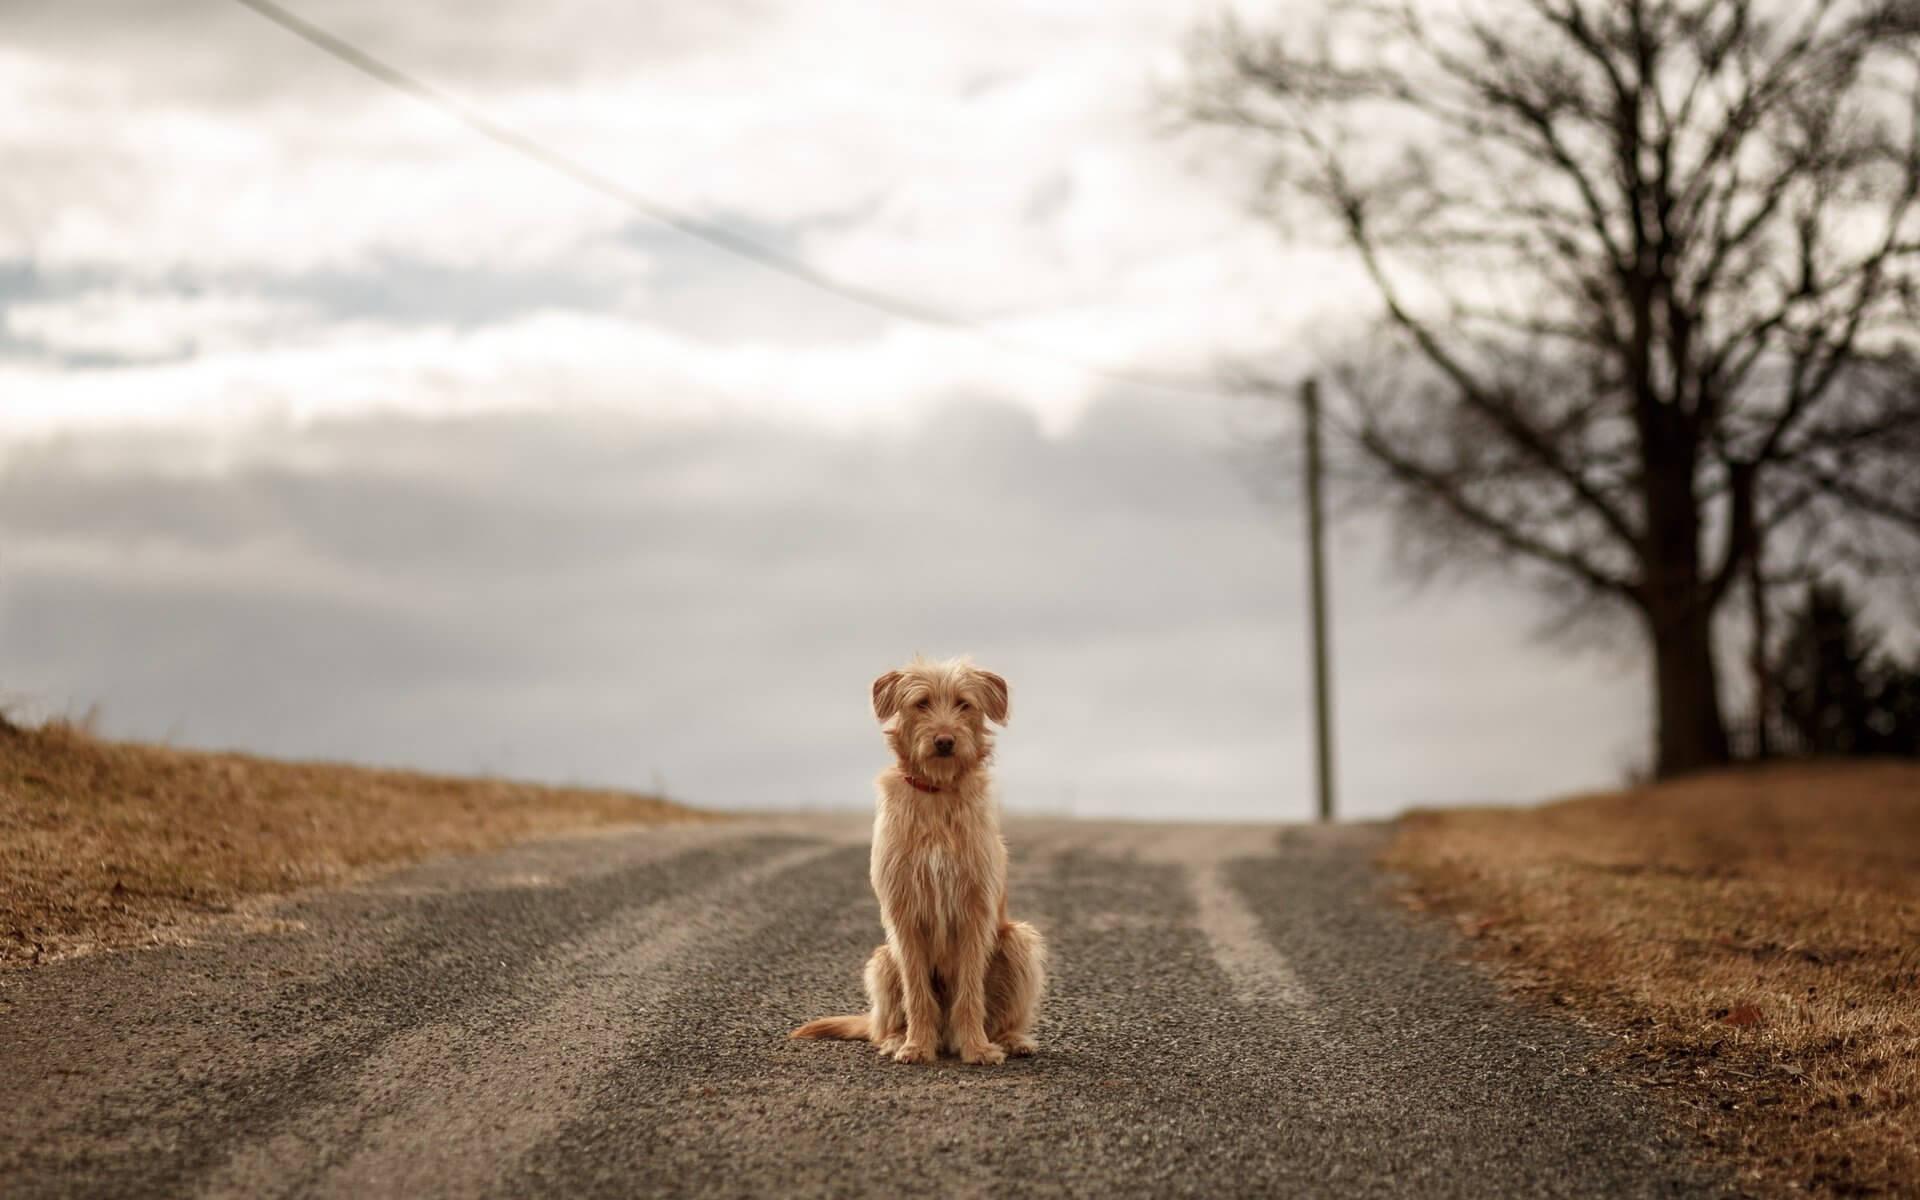 К чему перебегает дорогу собака: хорошая примета или плохая